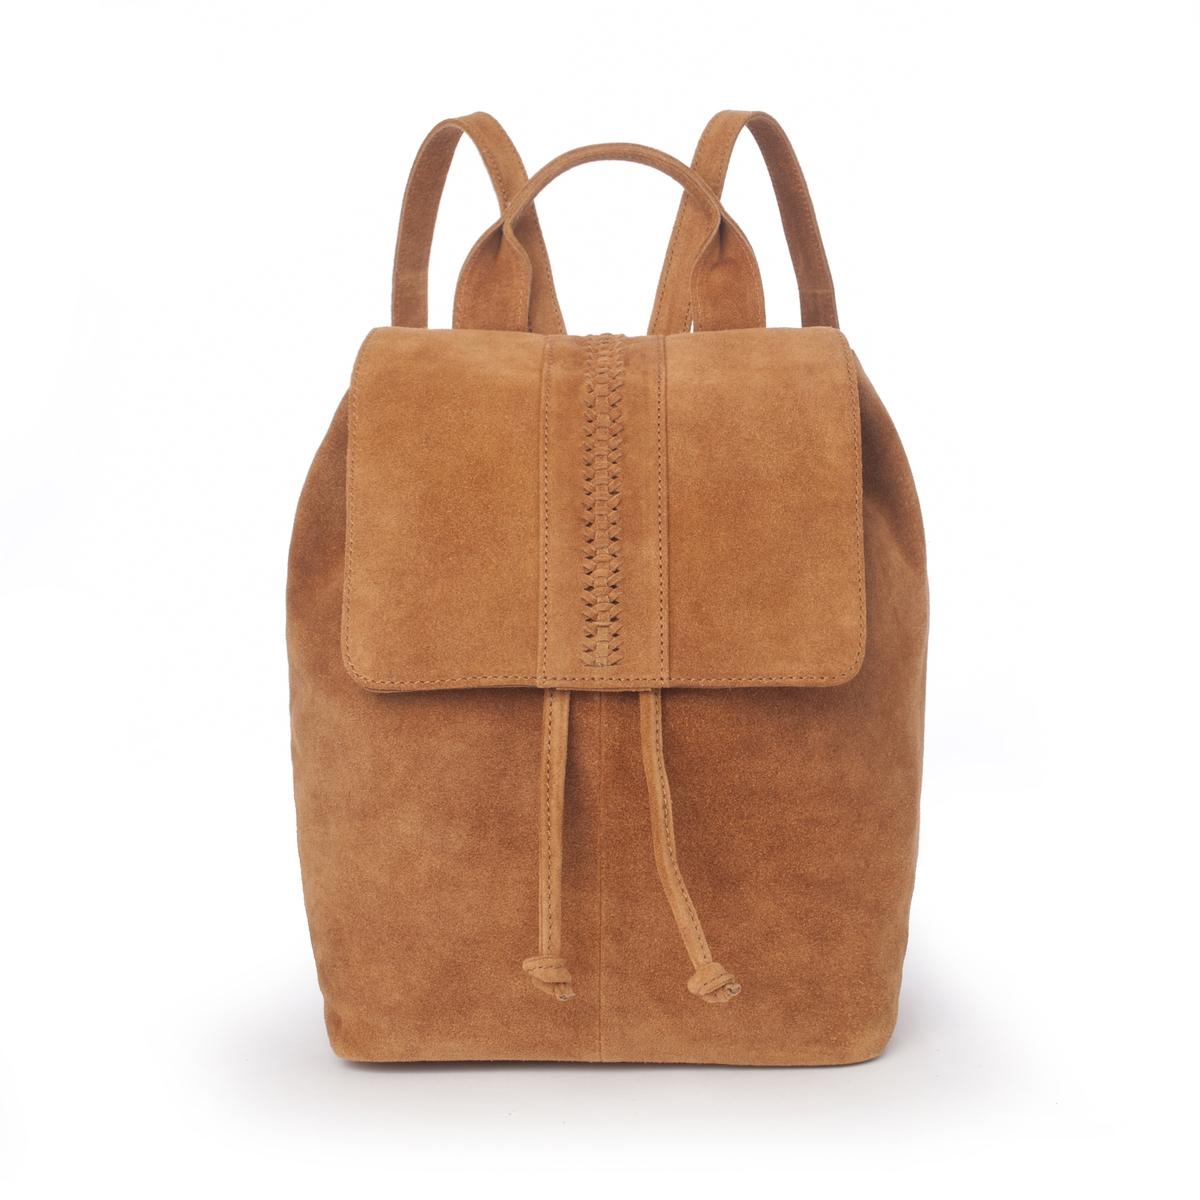 Рюкзак из невыделанной кожи